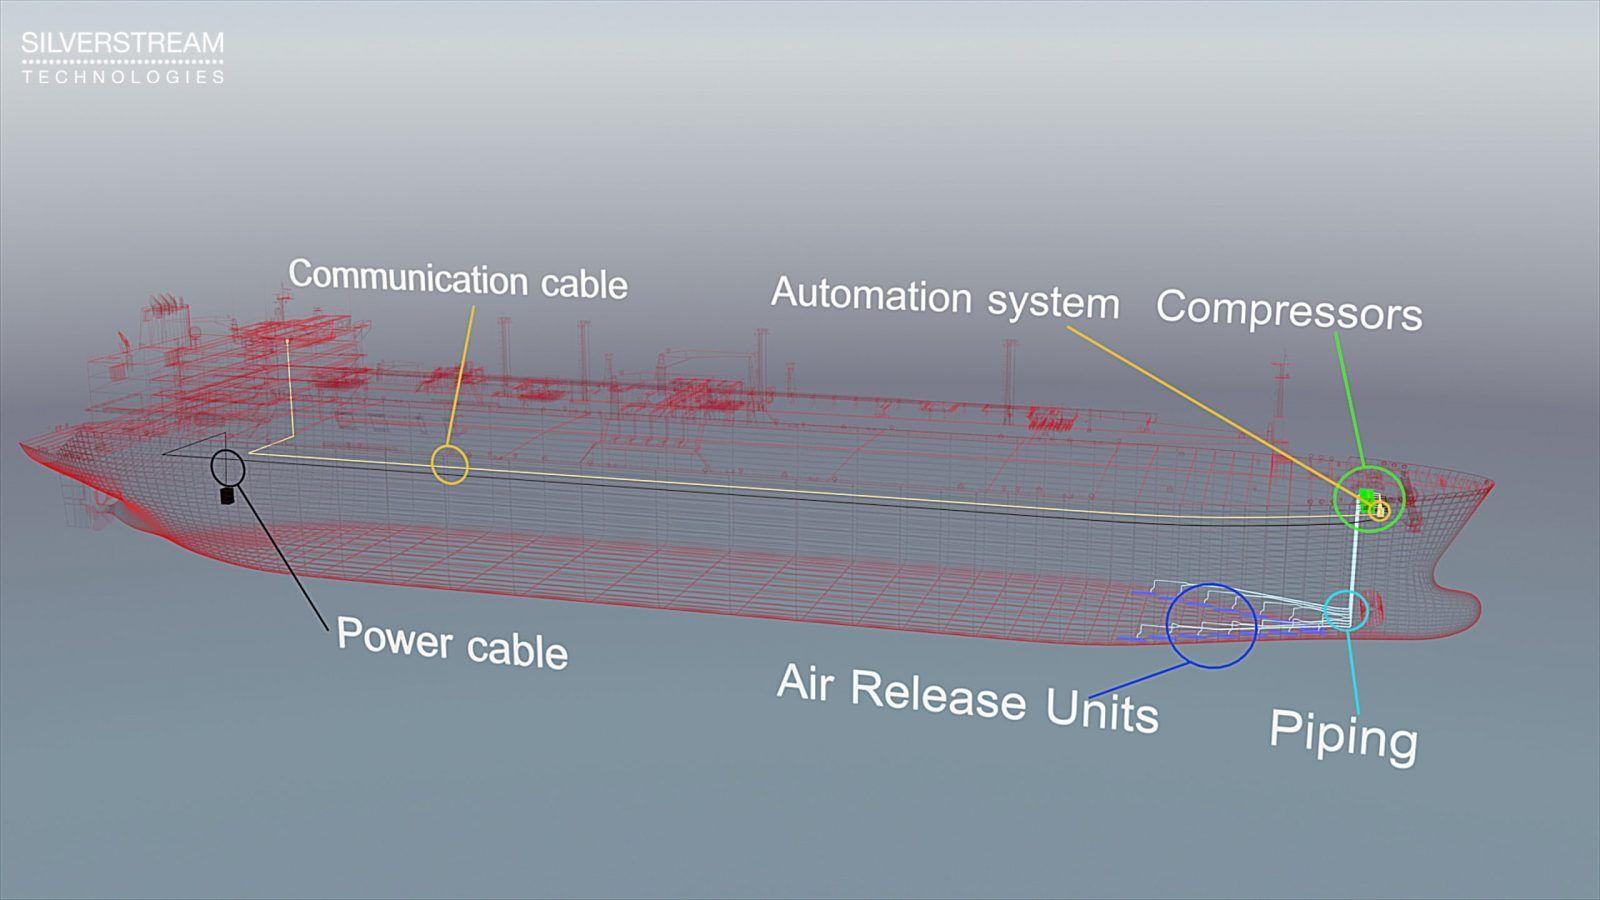 gemi-insaa-ve-stabilite - hava kabarcık - Hava Kabarcık Yöntemi İle Gemi Hızını Artırmak